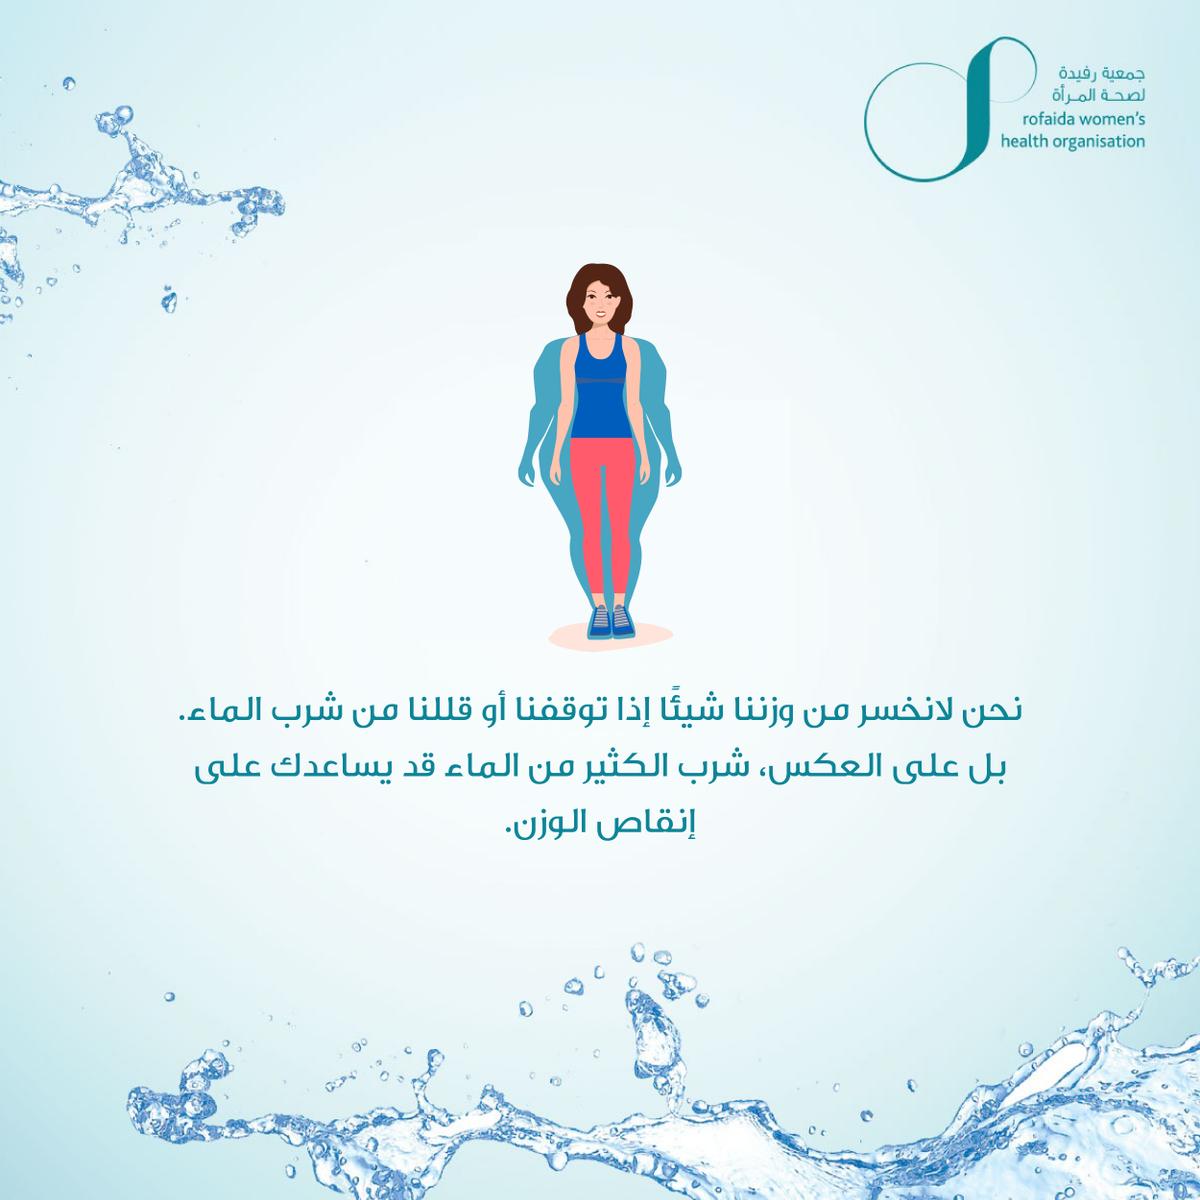 تدرين انه جسمك يحتوي على أكثر من ٦٠٪ من الماء؟ مع ذلك تحتاجين تشربين مويه! #متعطشه_للحياه